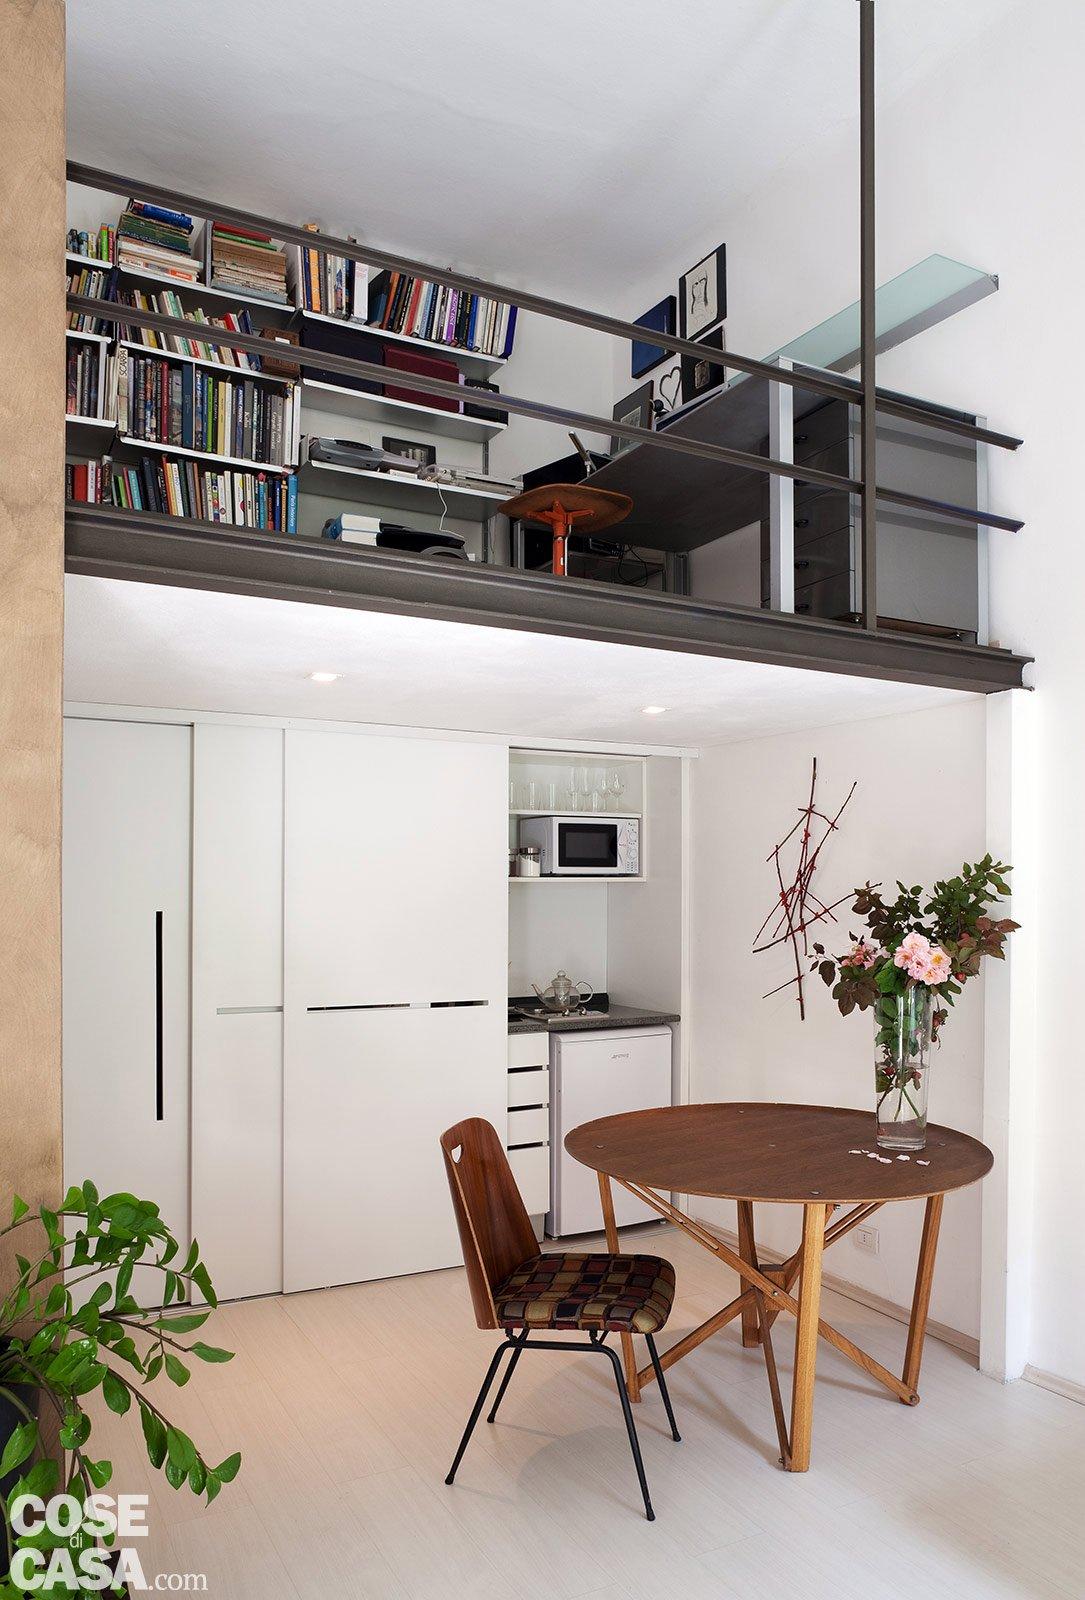 Monolocale una casa di 30 mq risolta al centimetro  Cose